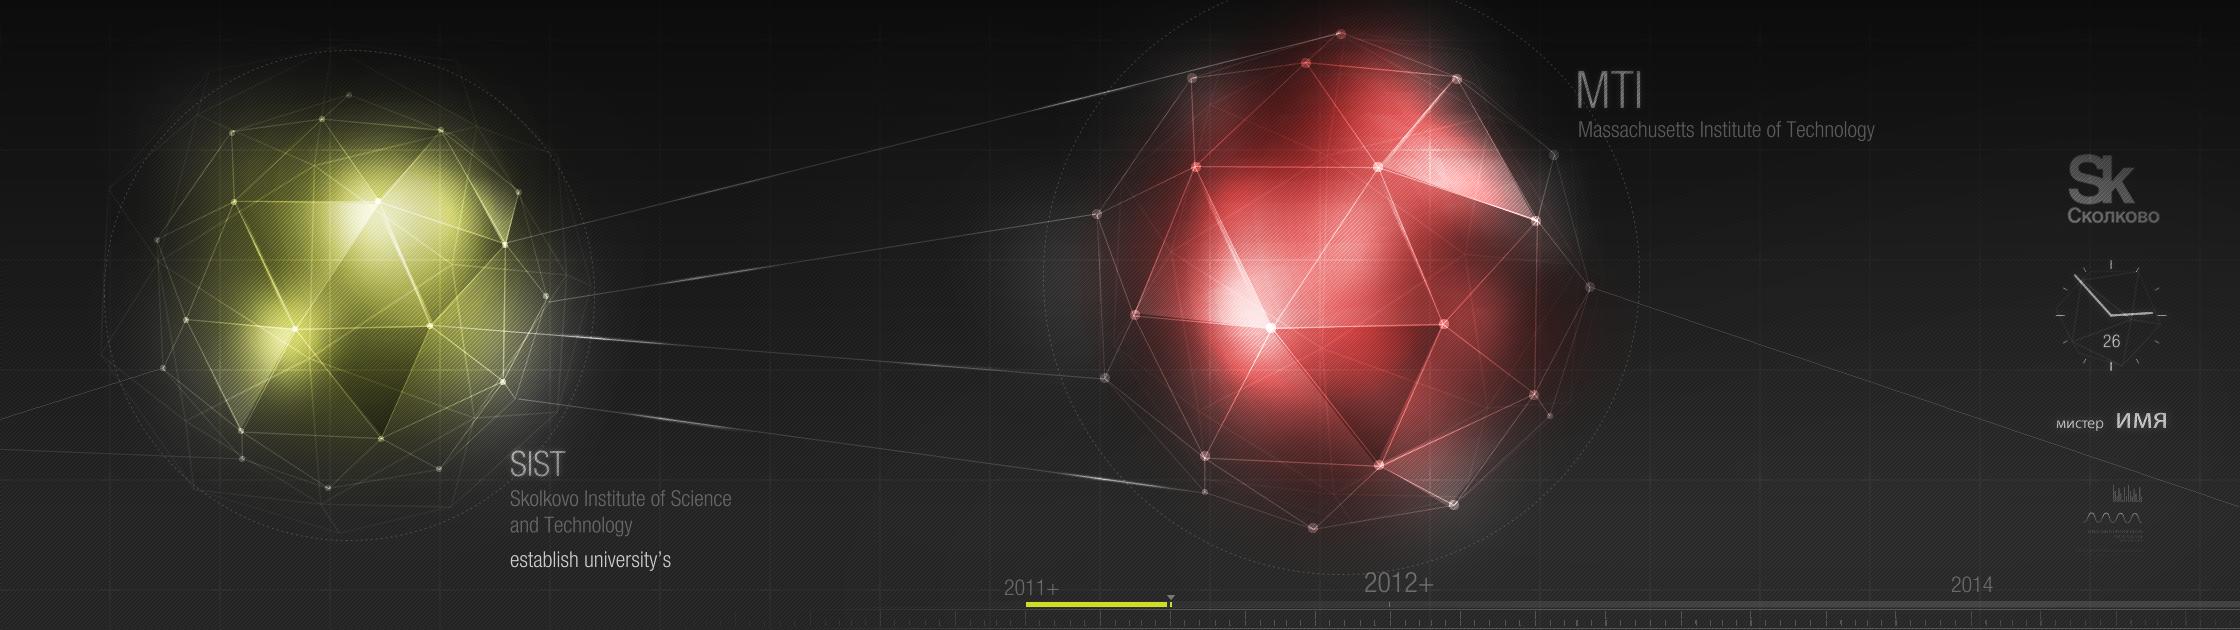 ffa_02_grid.jpg